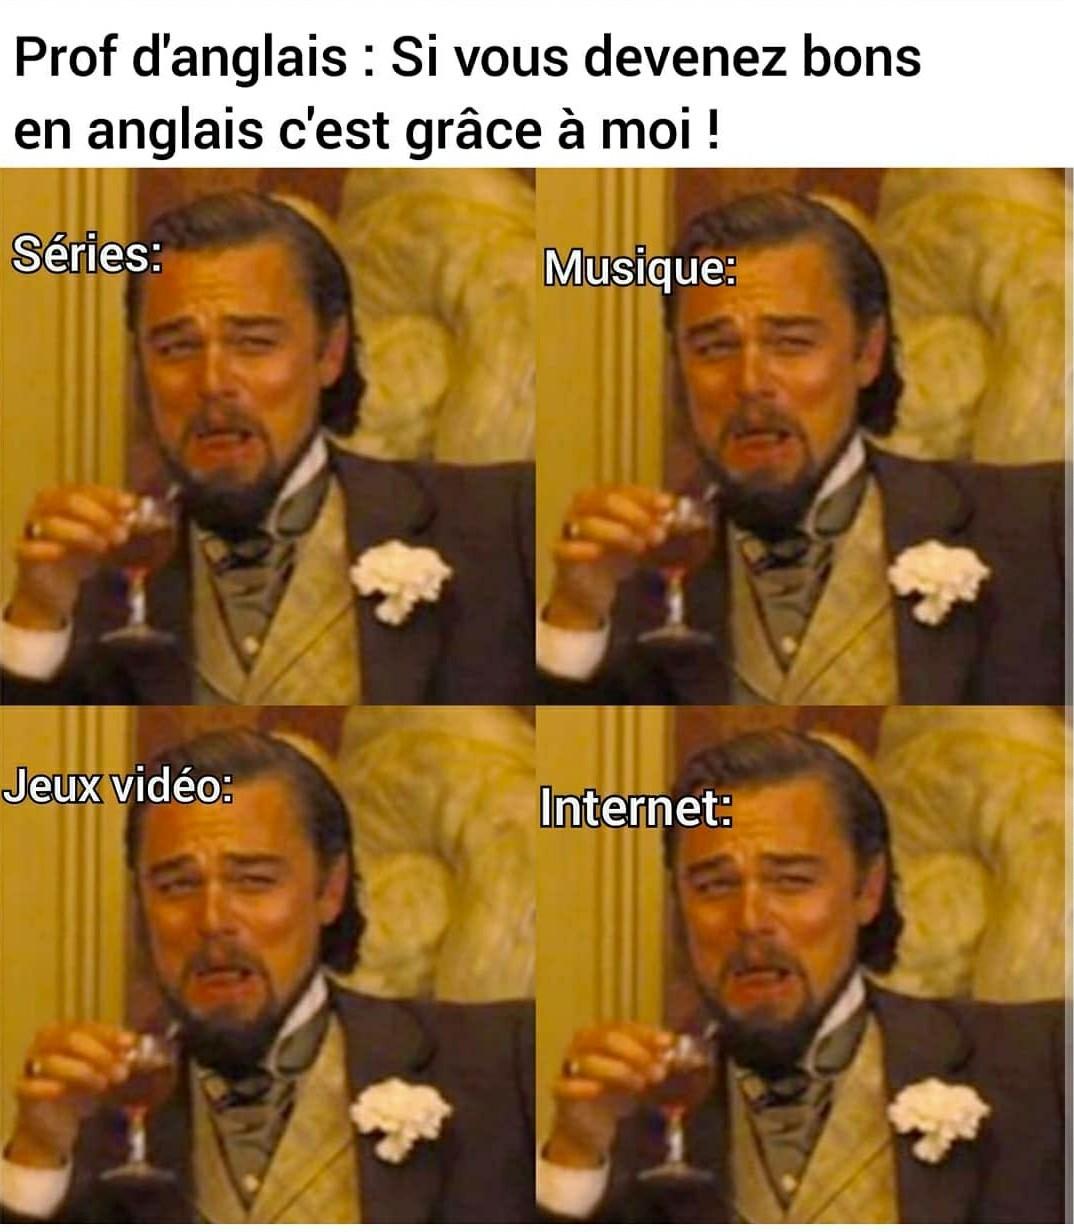 Les profs d'anglais en france sont quasi tous nulles - meme